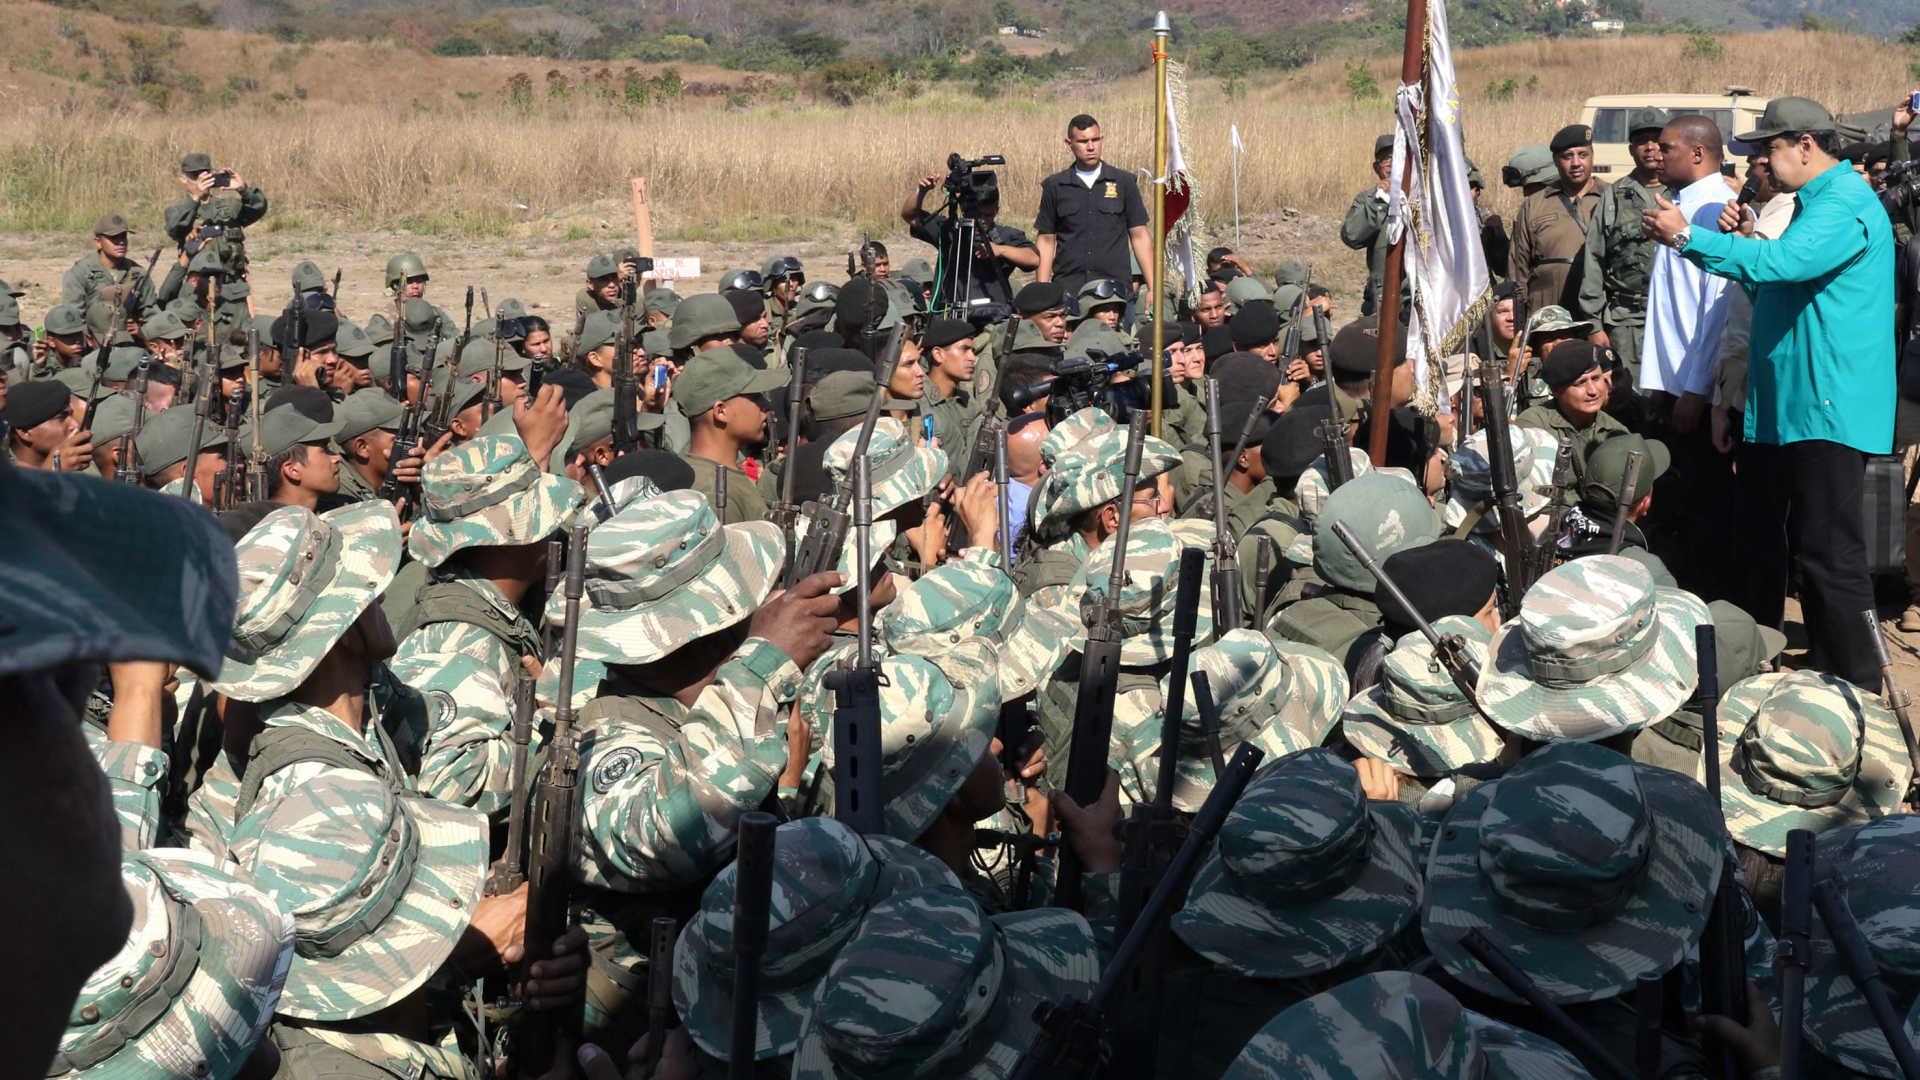 - Militares e Maduro - Militares venezuelanos emitem seus próprios cartões de crédito após sanções dos EUA